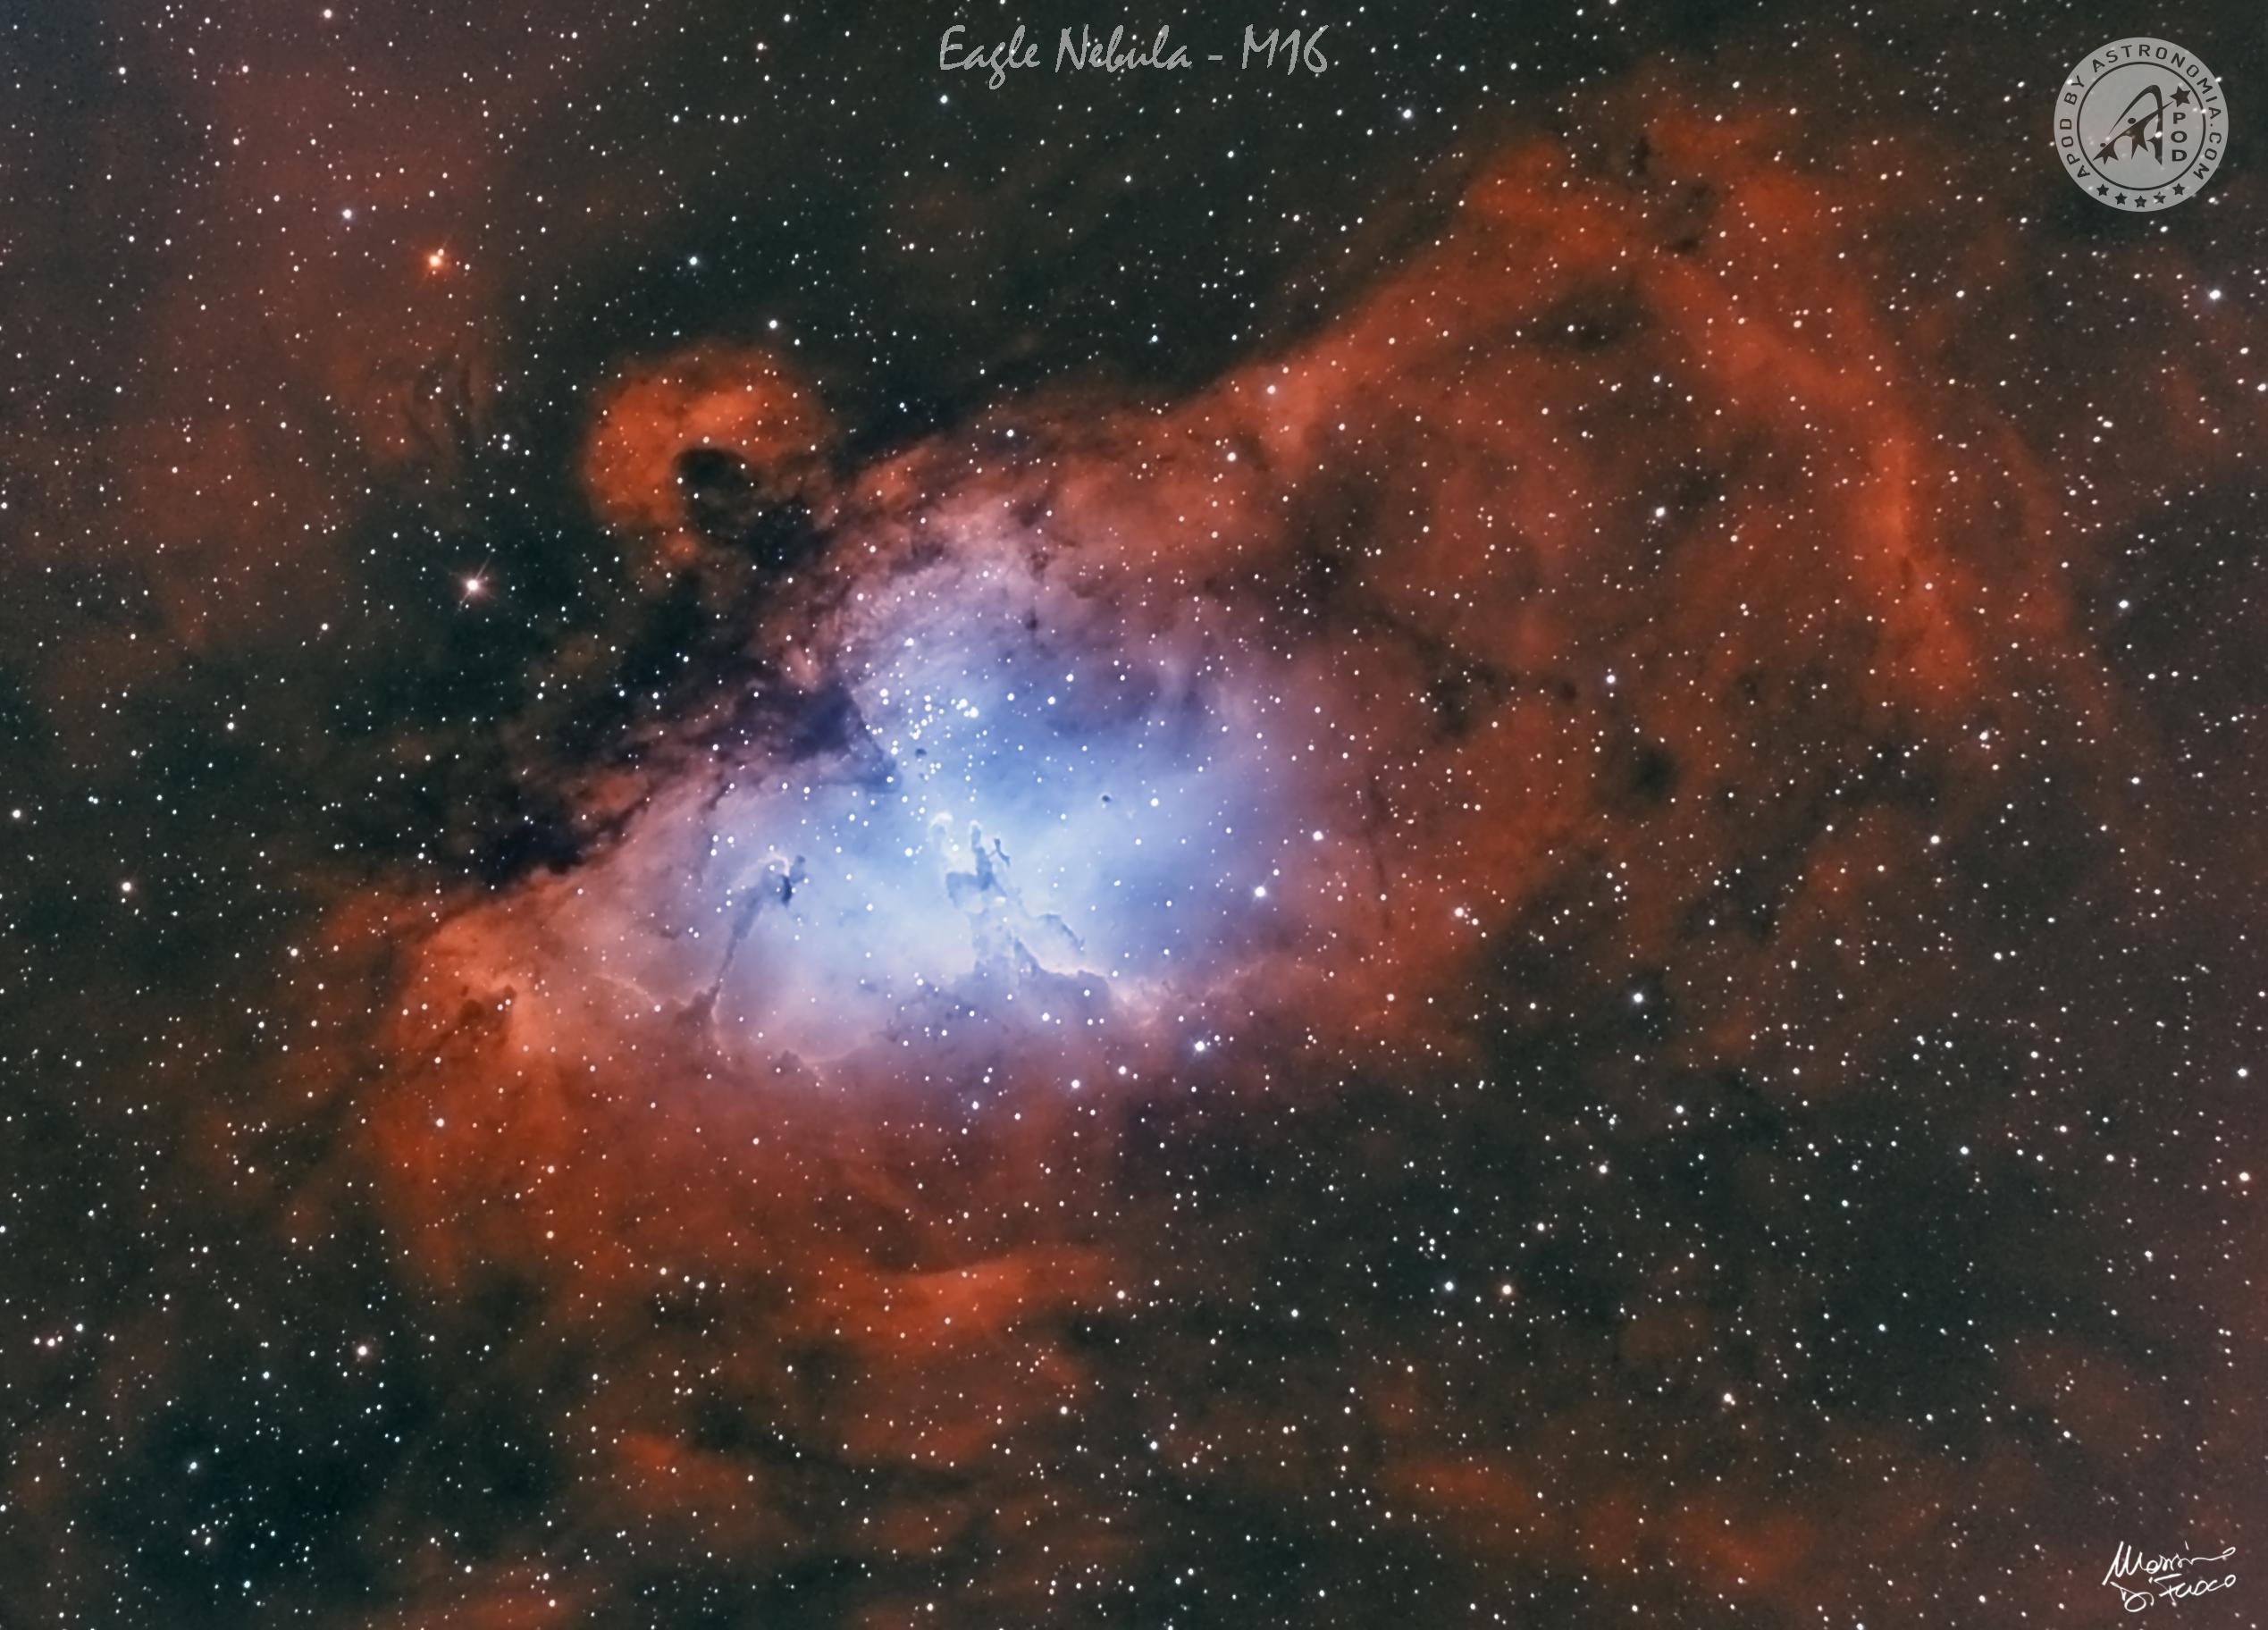 La Nebulosa dell'Aquila M16